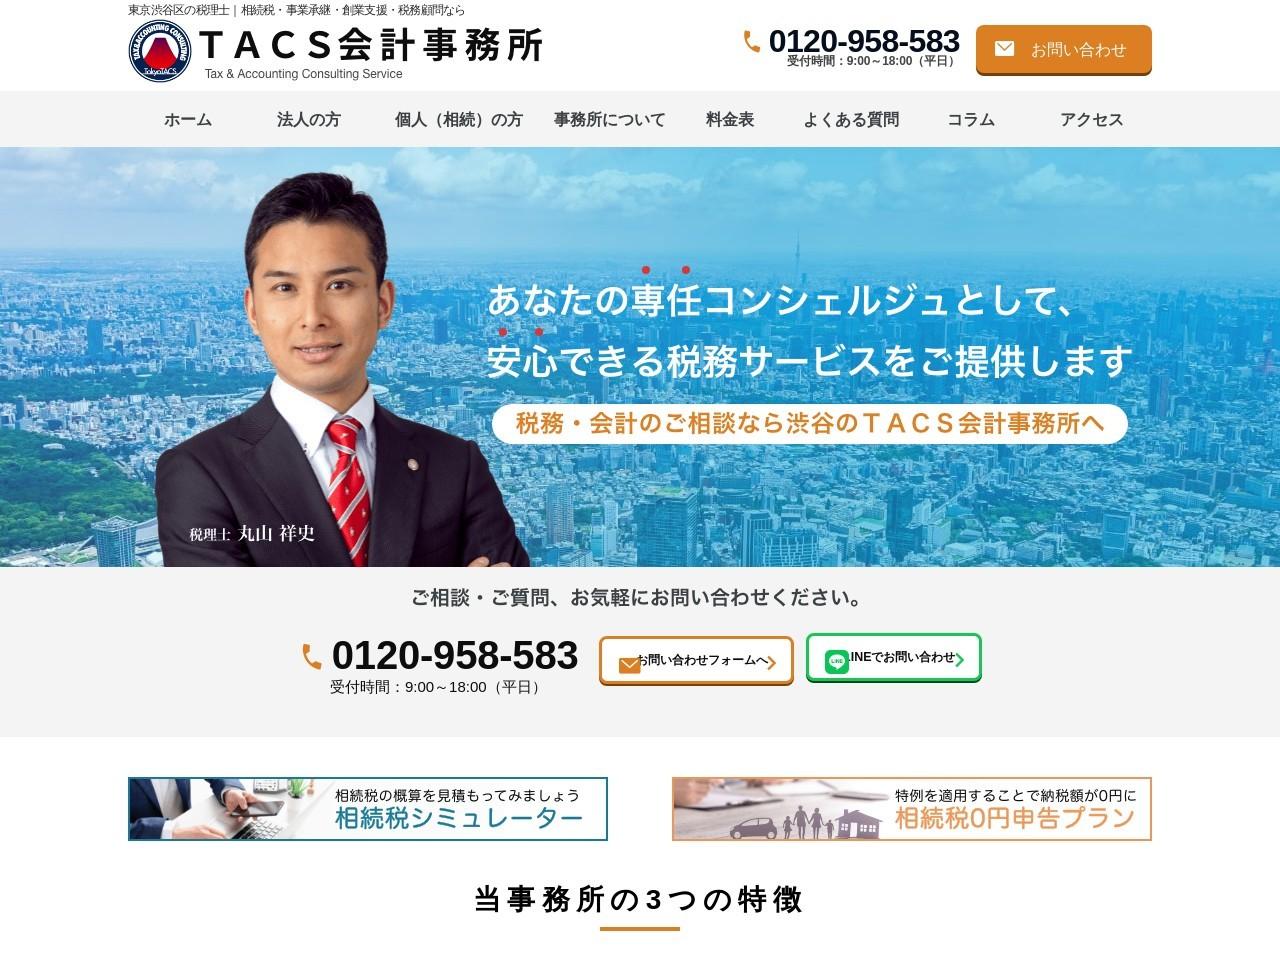 TACS会計丸山祥史税理士事務所